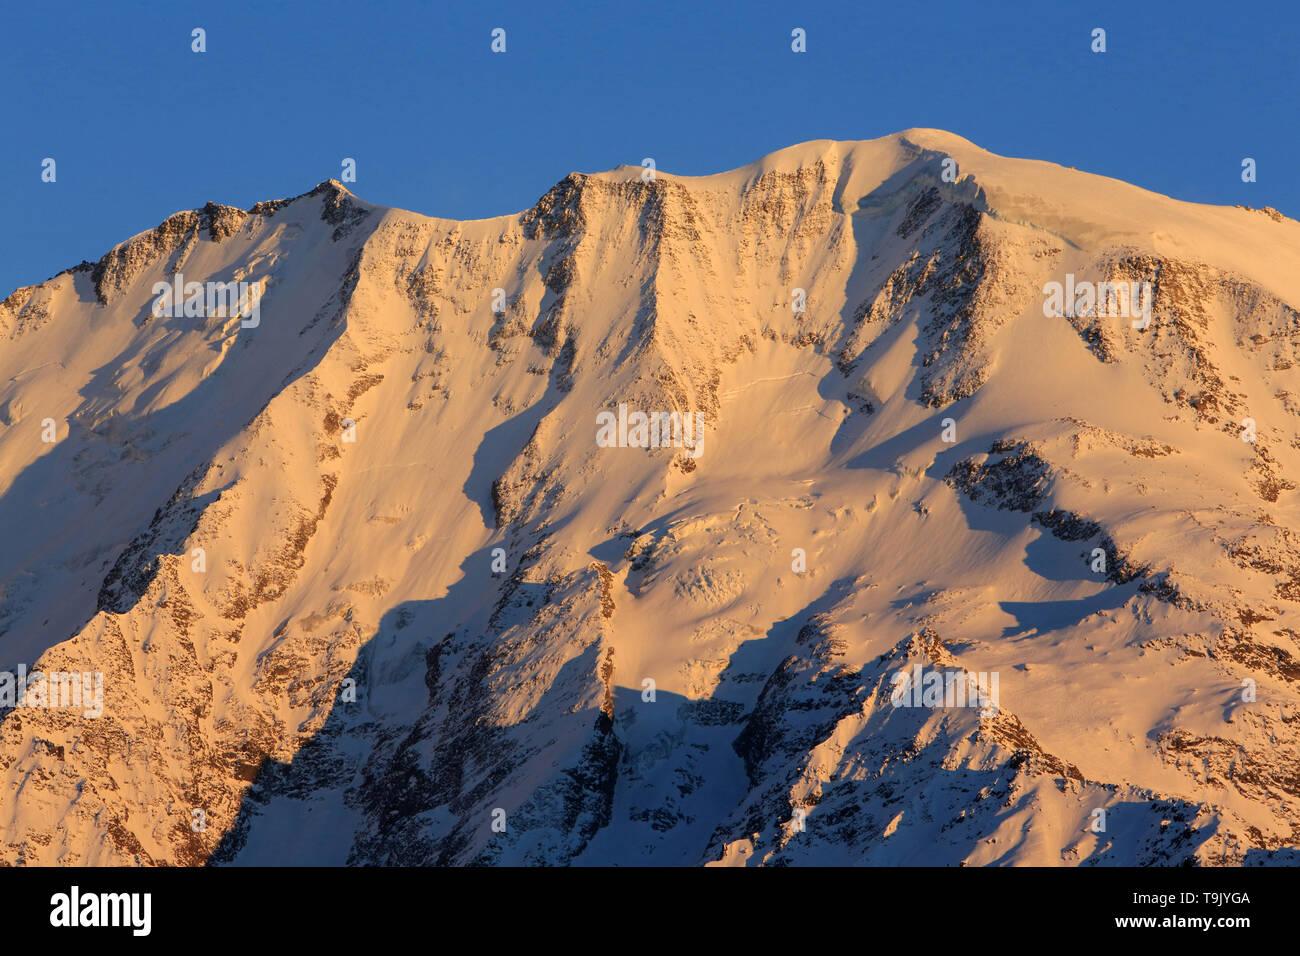 Dôme de Miage. Massif du Mont-Blanc. Alpes françaises. - Stock Image